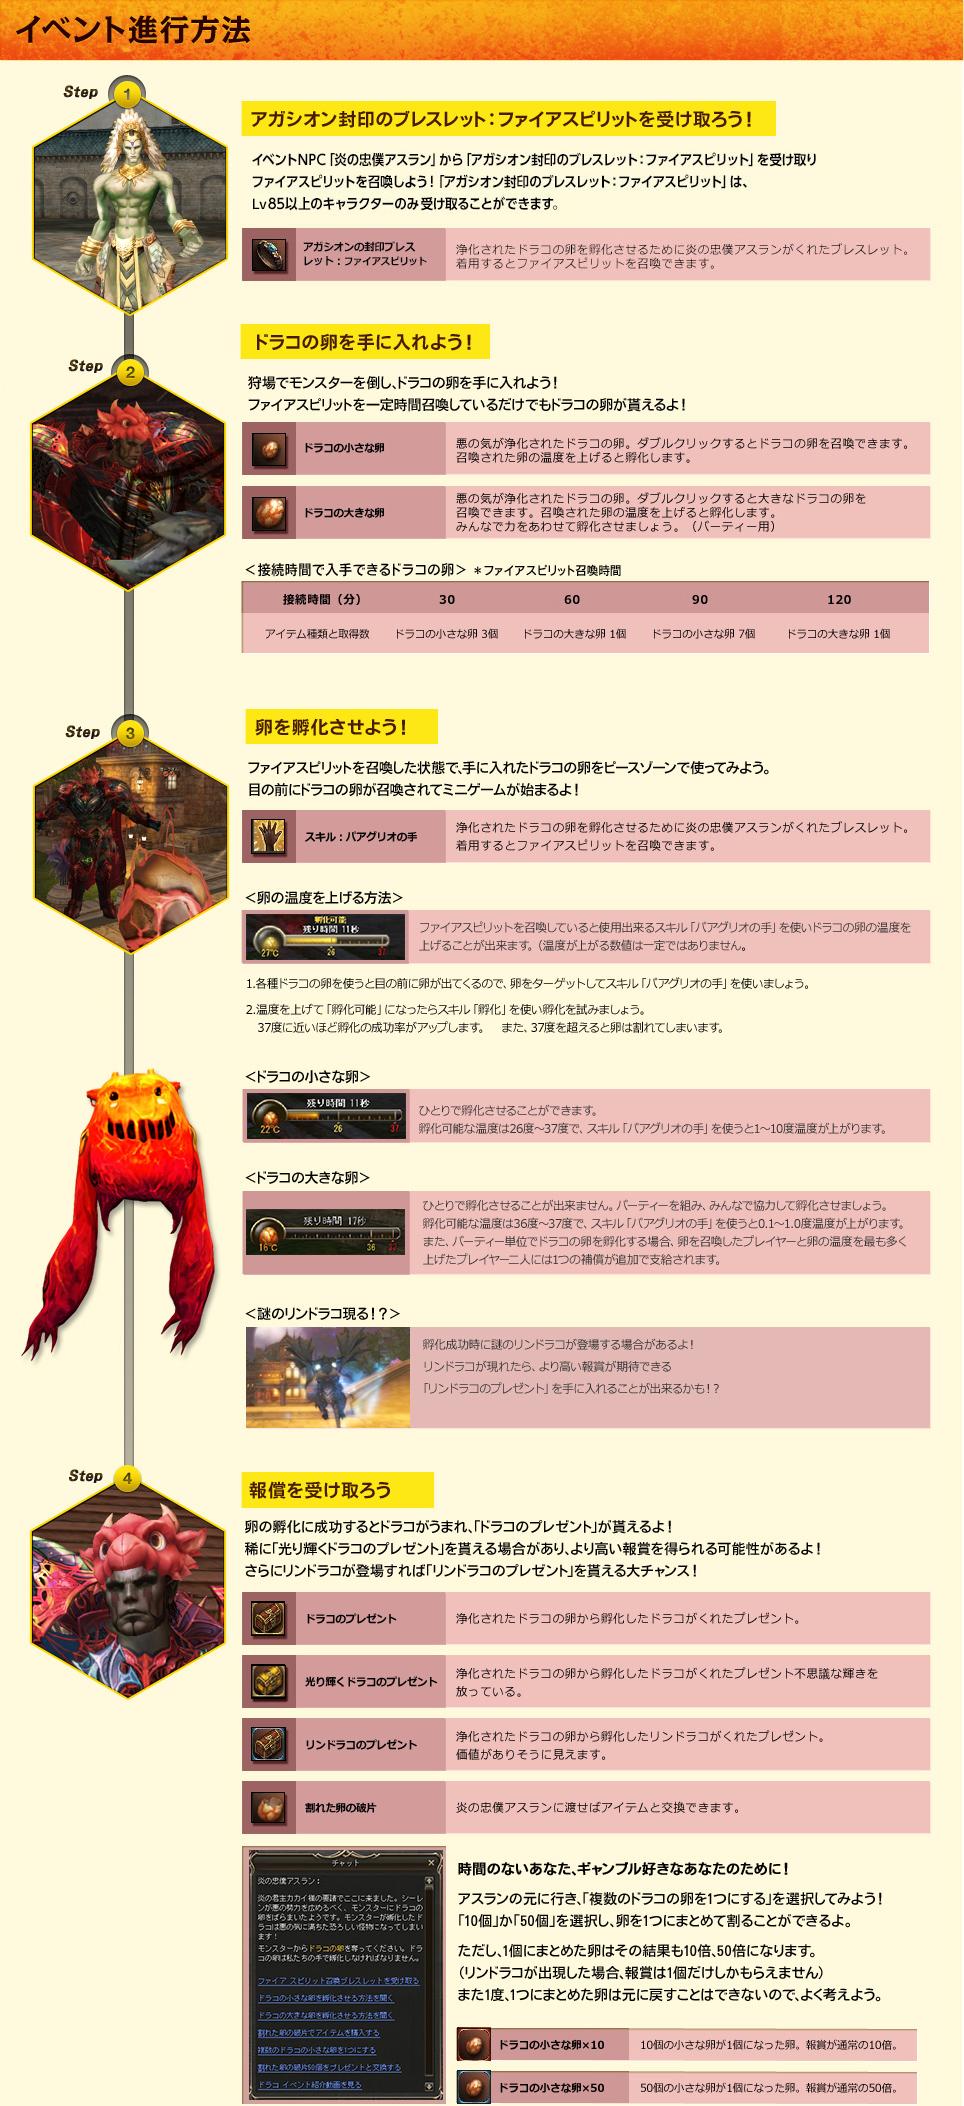 イベント詳細説明画像